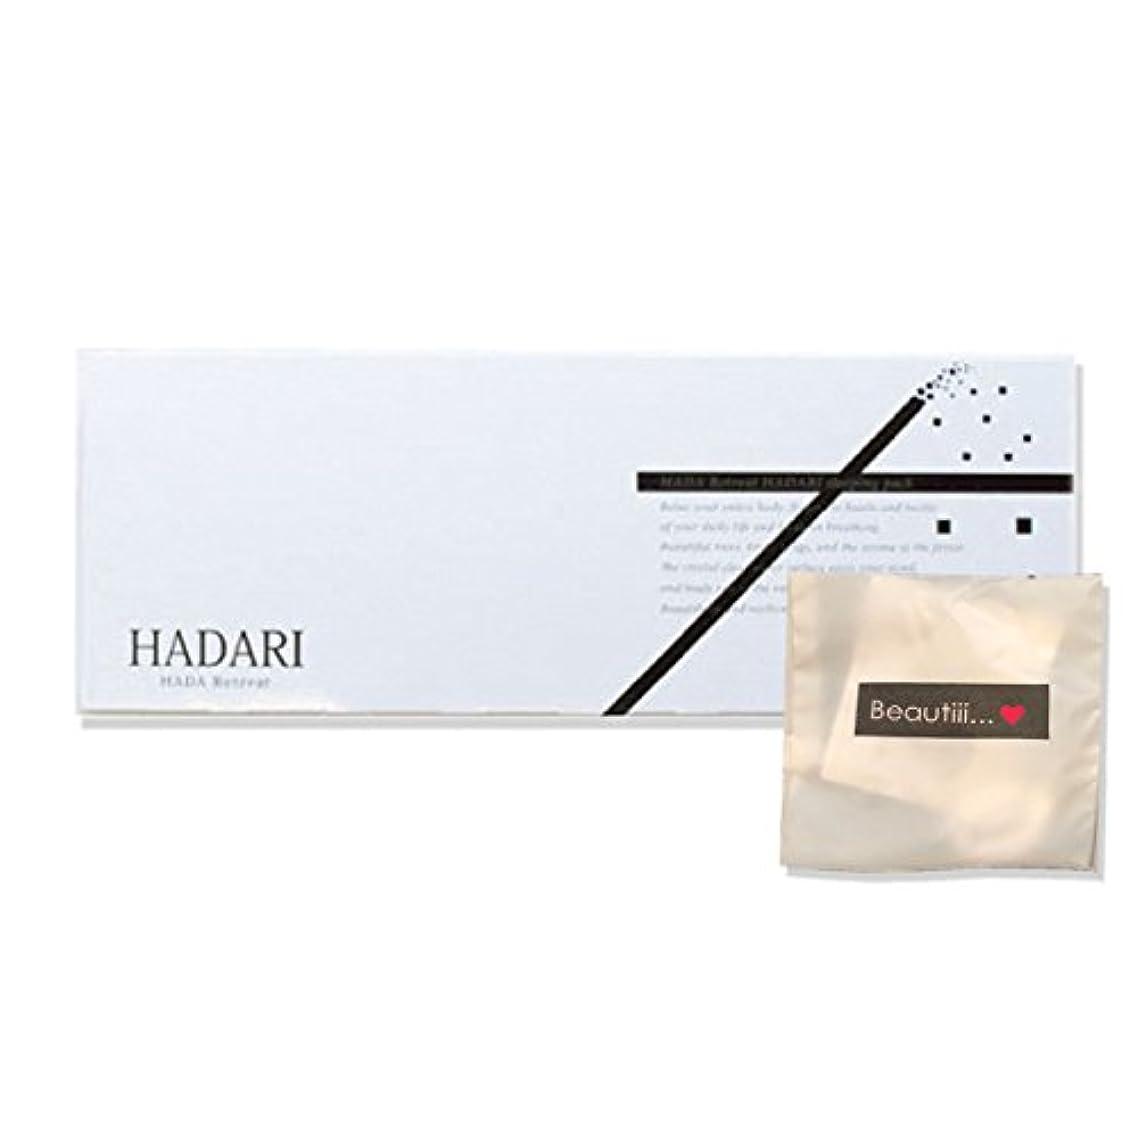 サンドイッチやりがいのある検出HADARI はだり 高級オールインワンパッククリーム 1箱 SNSで話題 大人気!!